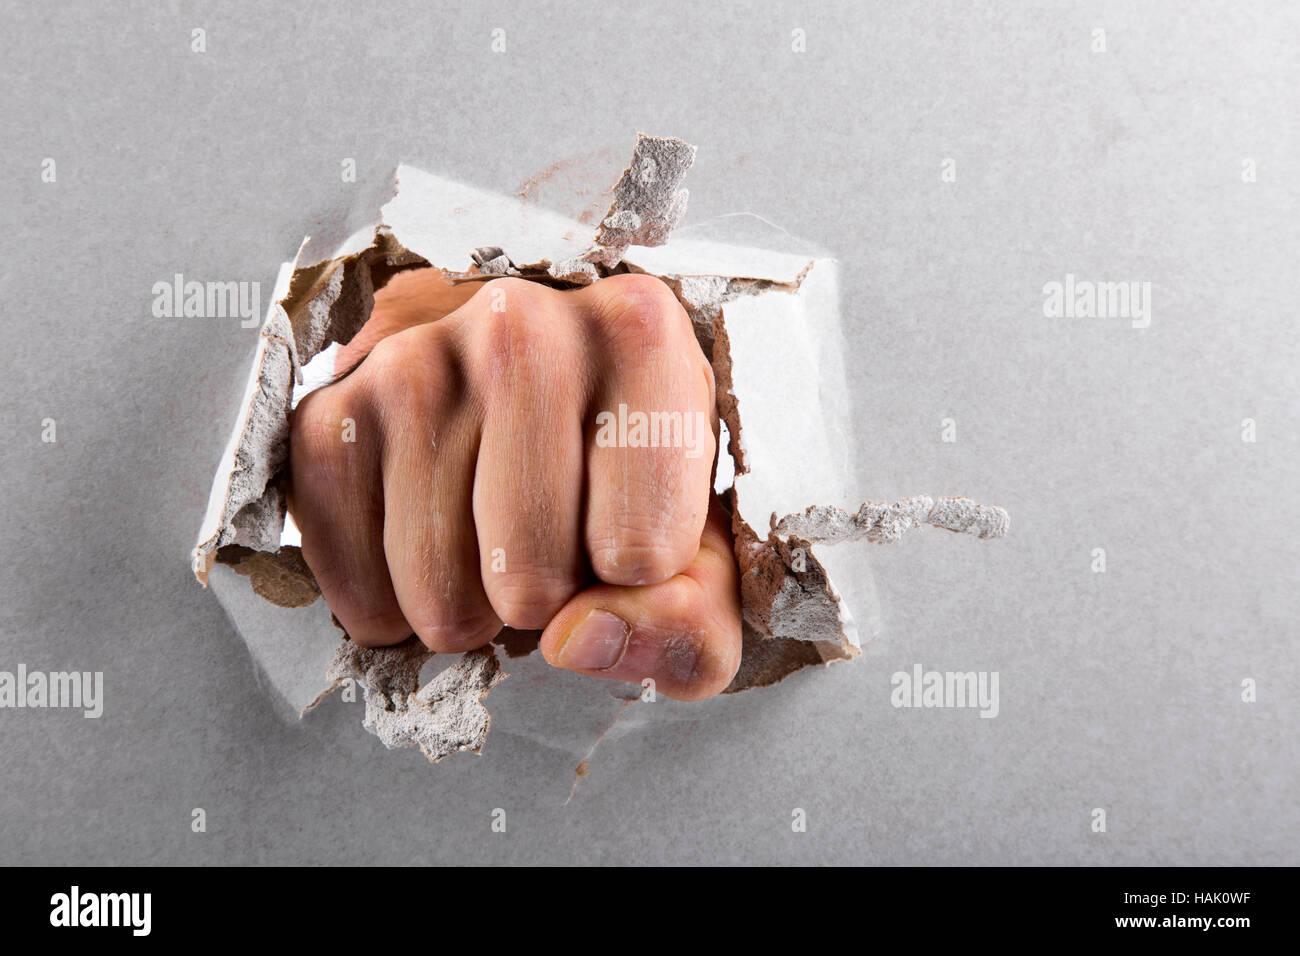 Aggression-Konzept, Wand durchbrochen von einer Faust Stockbild